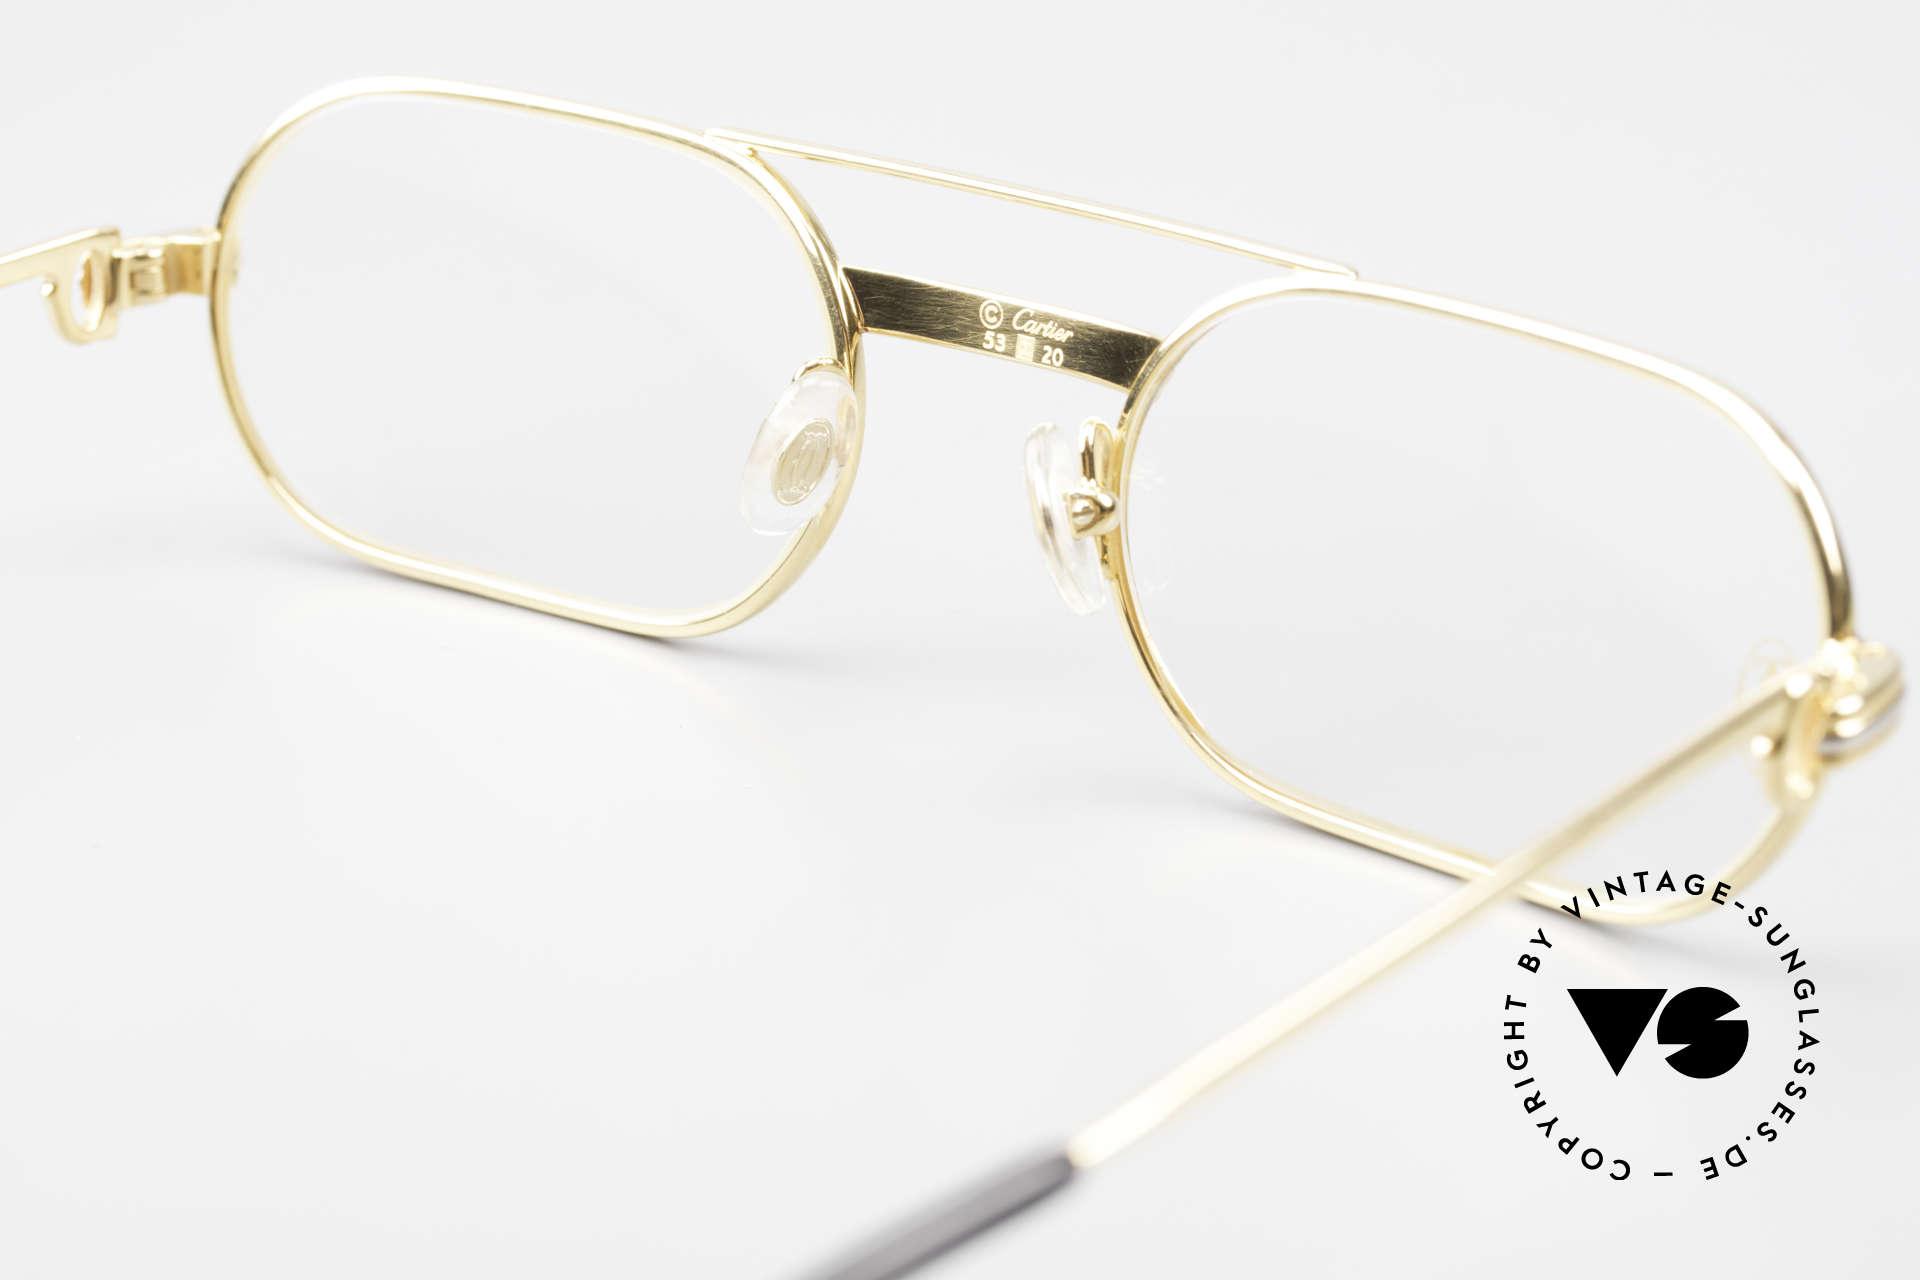 Cartier MUST LC Rose - S Limitierte Rosé Gold Brille, KEIN RETRO; ein 35 Jahre altes vintage ORIGINAL!, Passend für Herren und Damen